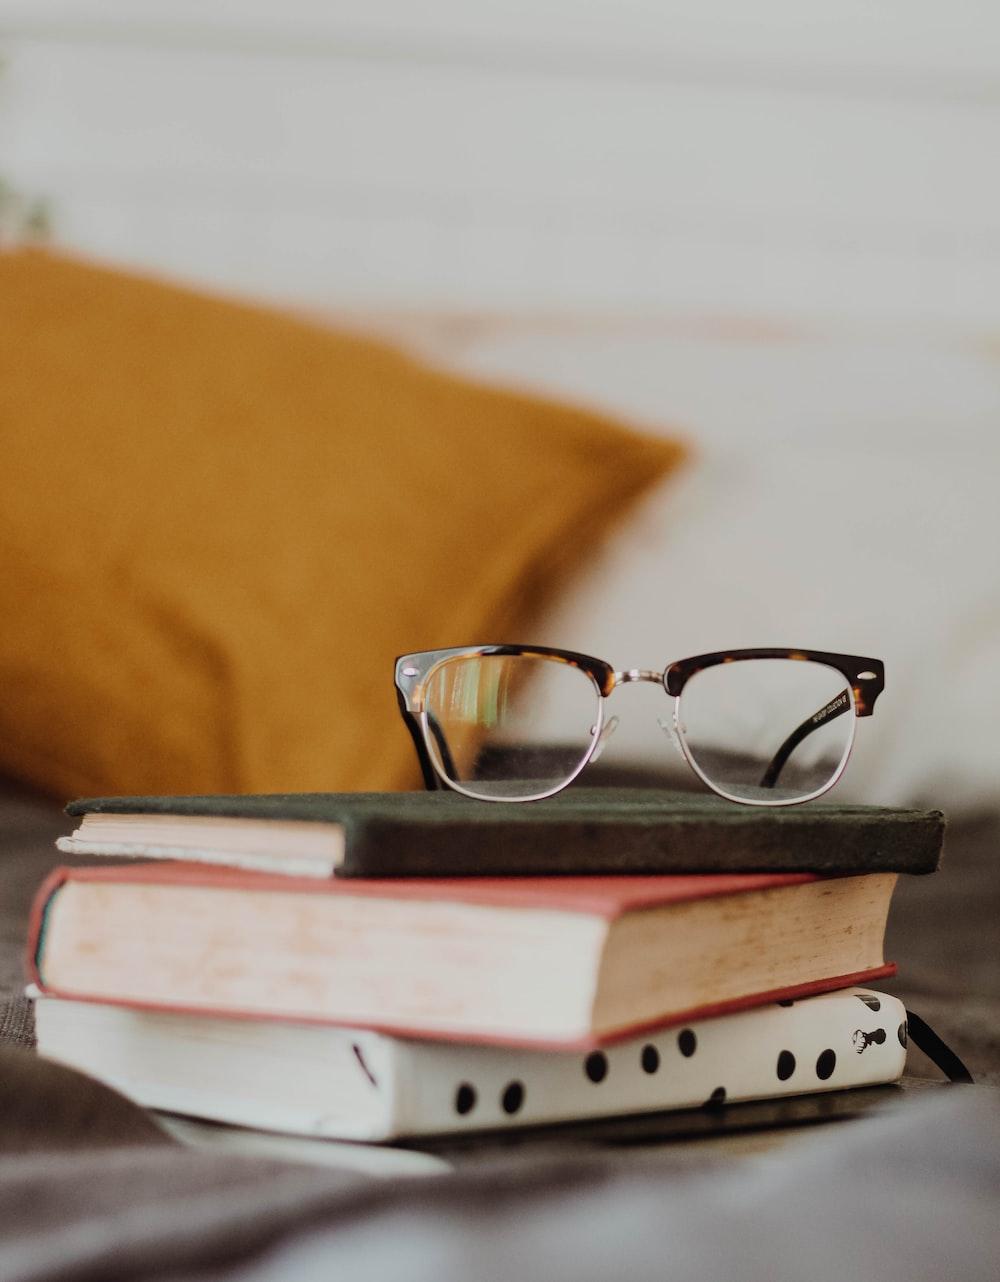 club master eyeglasses on pile of three books